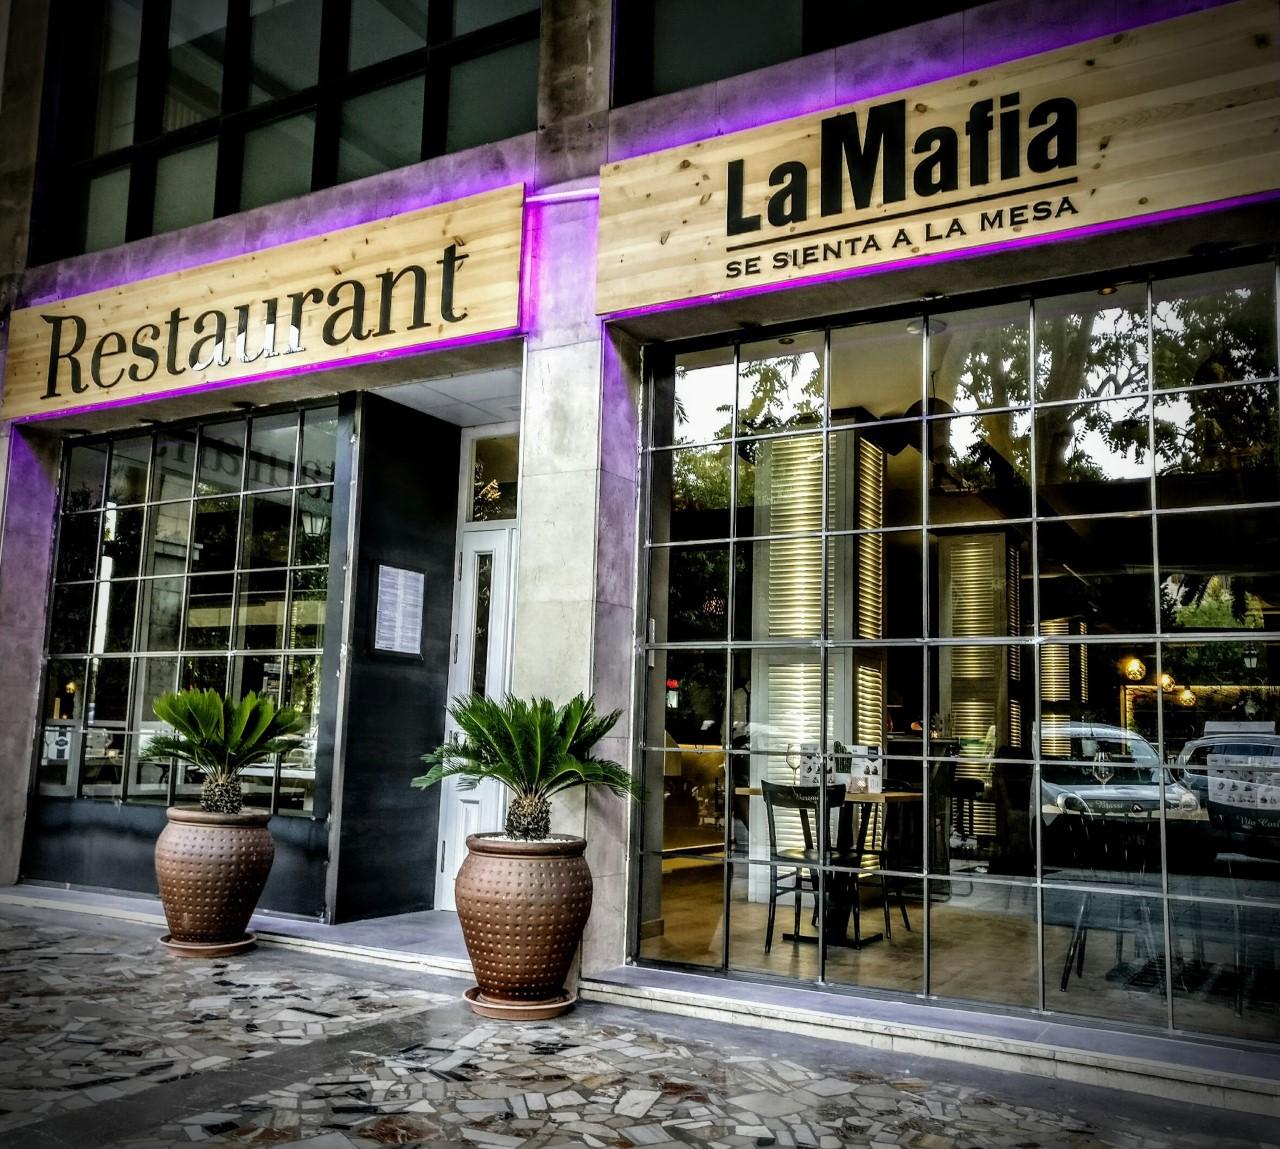 Nueva apertura de La Mafia se sienta a la mesa 1 1 - La Mafia se sienta a la mesa abrirá en las Islas Canarias su segundo restaurante